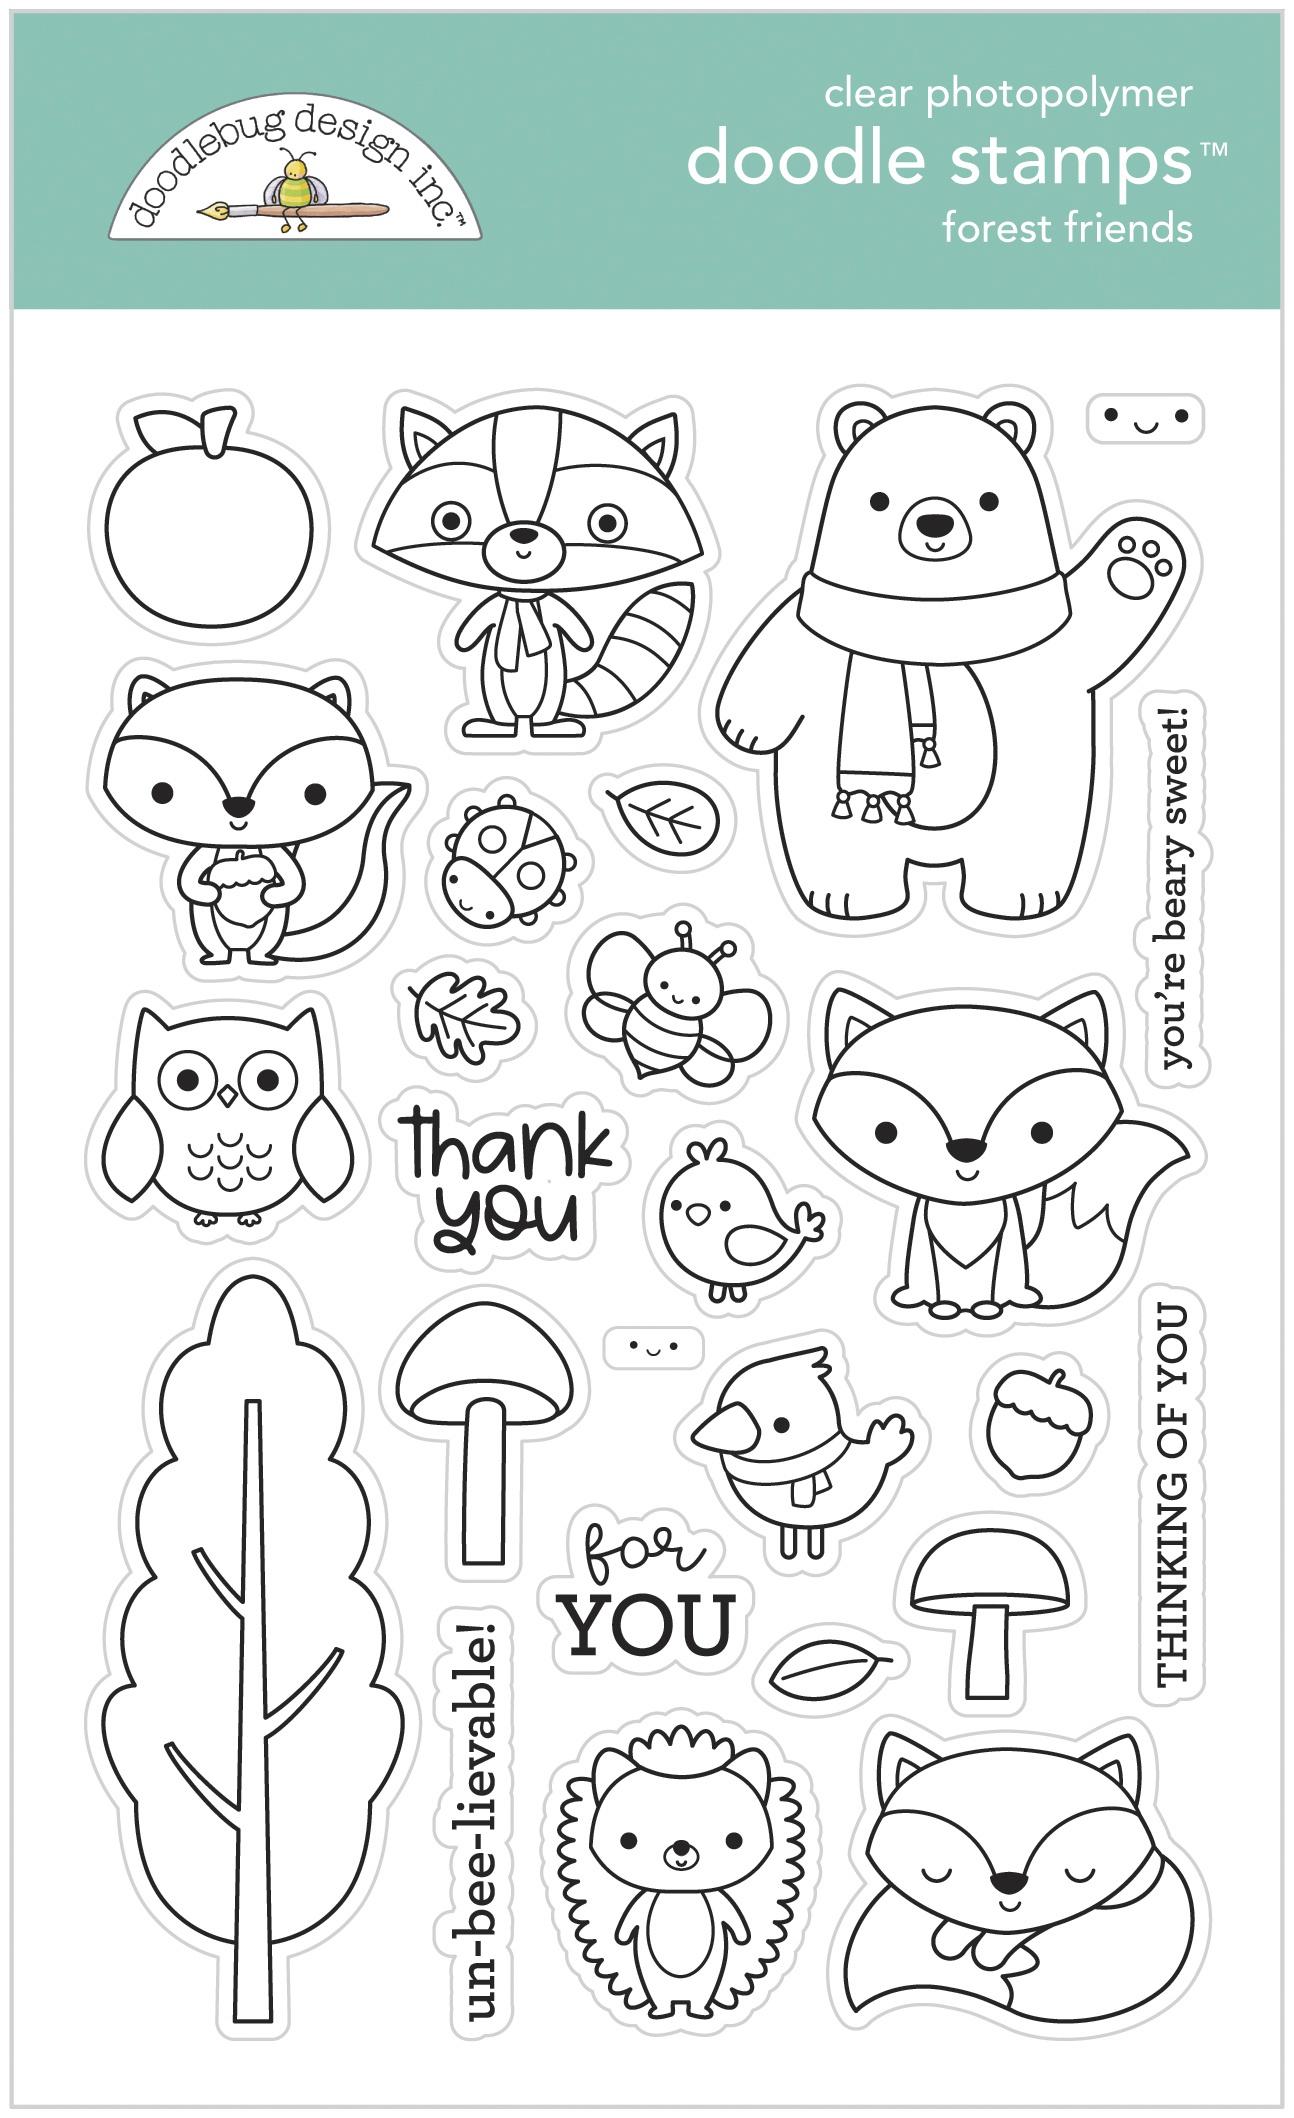 Doodlebug Clear Doodle Stamps-Forest Friends